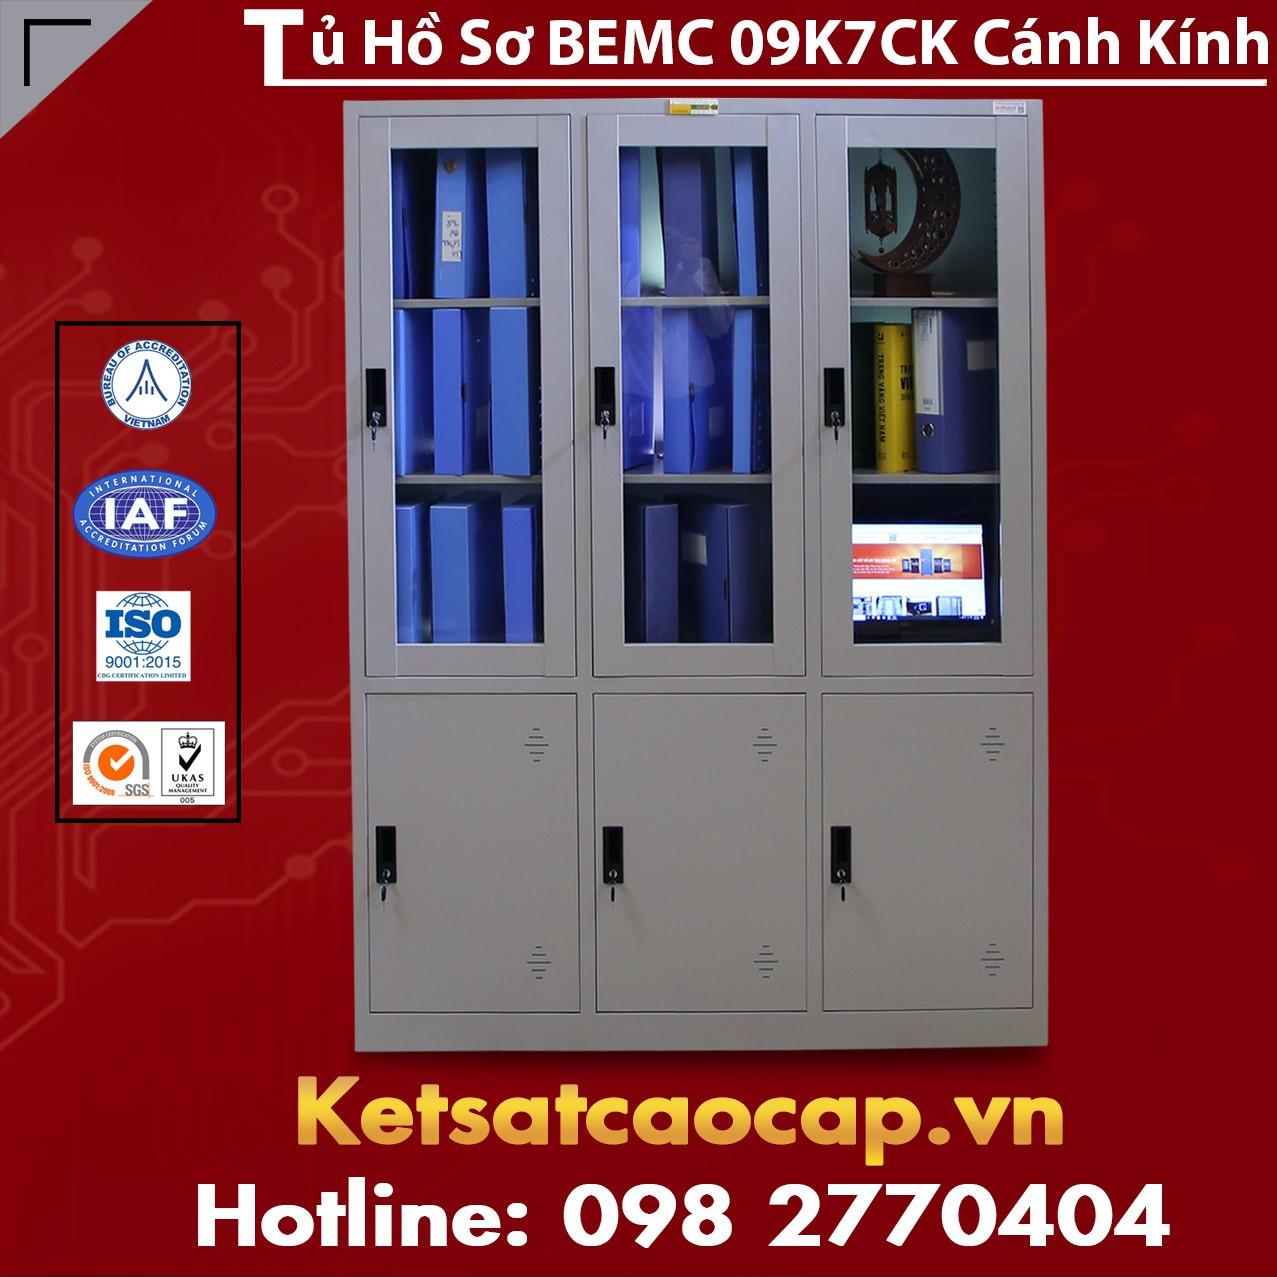 Tủ Hồ Sơ BEMC 09K7CK